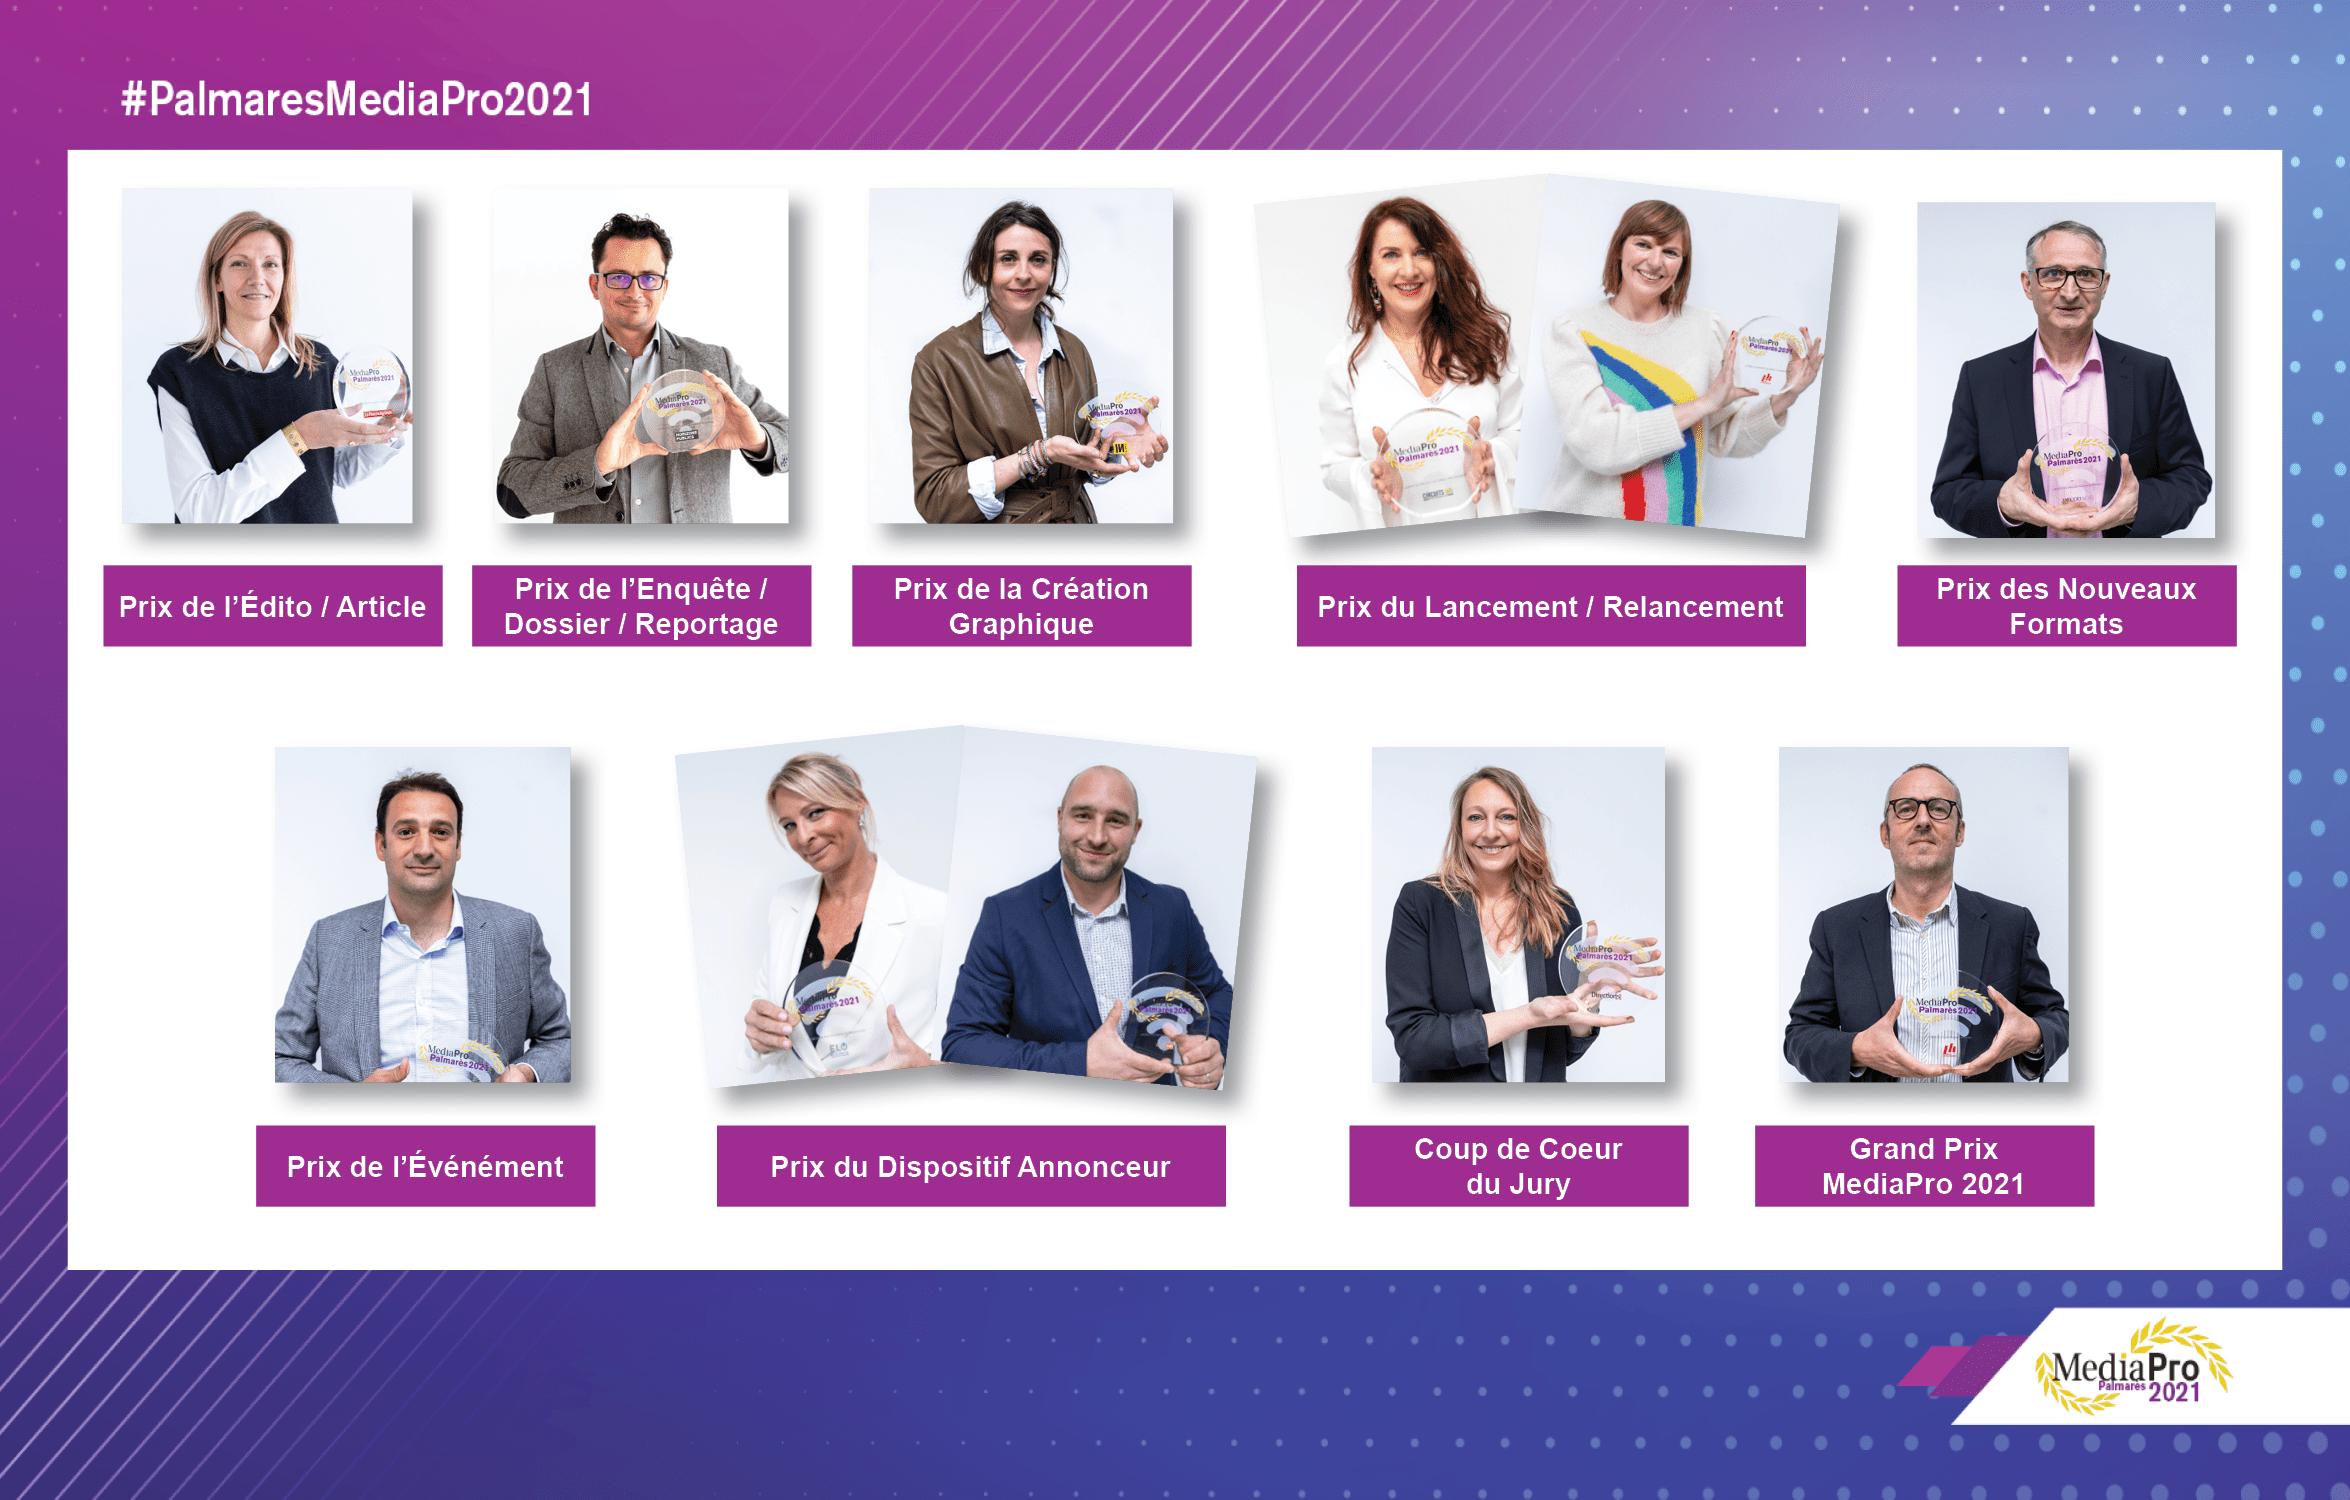 Félicitations aux lauréats du Palmarès des médias professionnels 2021!